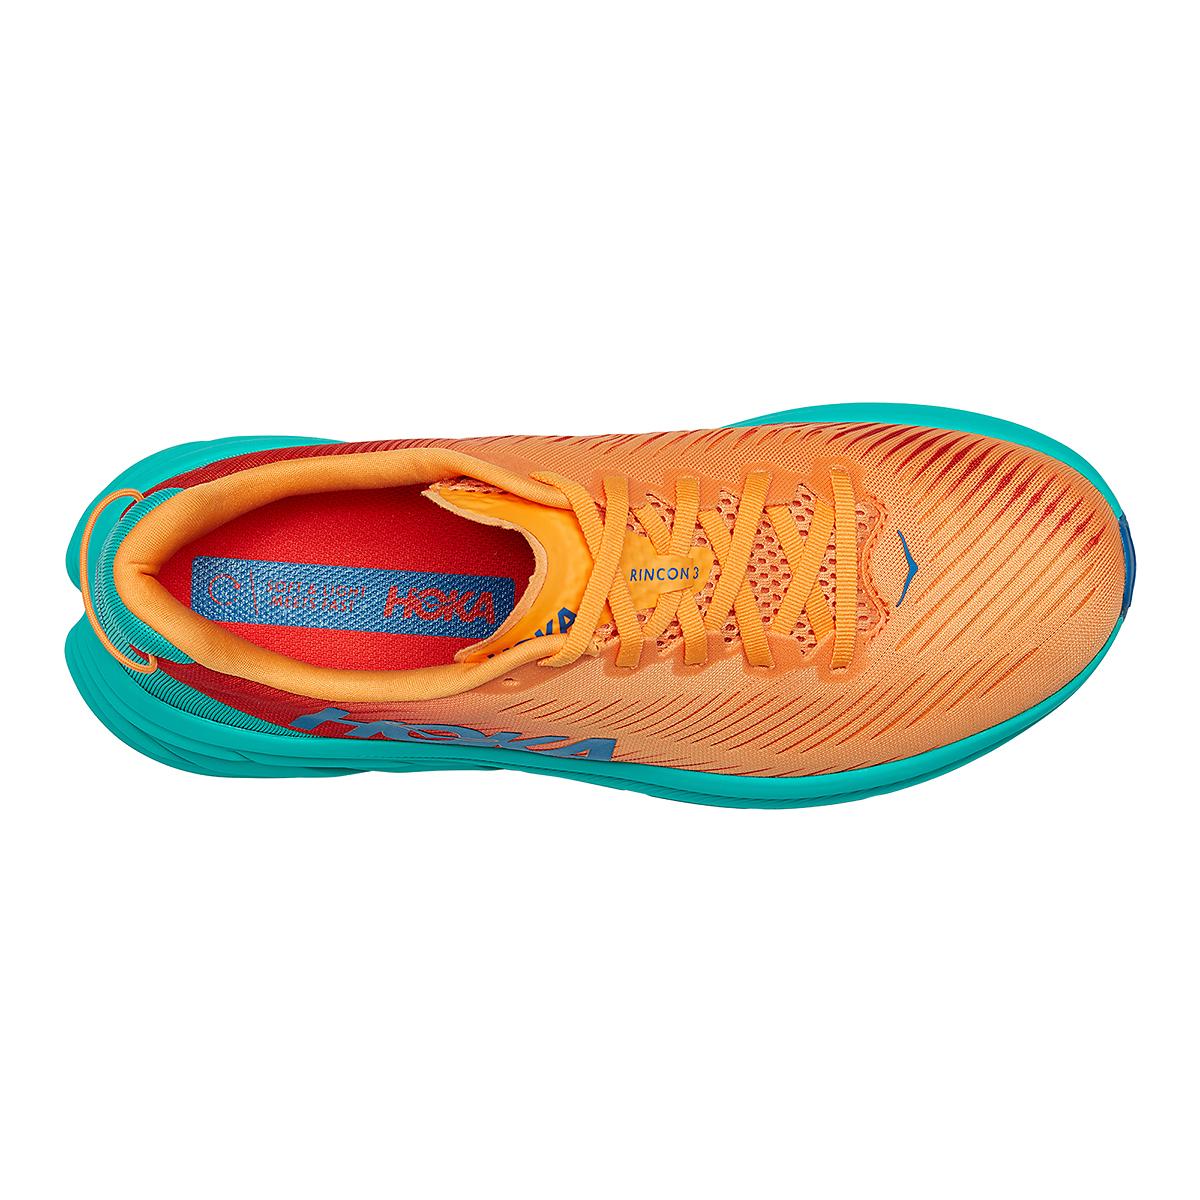 Men's Hoka One One Rincon 3 Running Shoe - Color: Blazing Orange - Size: 7 - Width: Regular, Blazing Orange, large, image 3